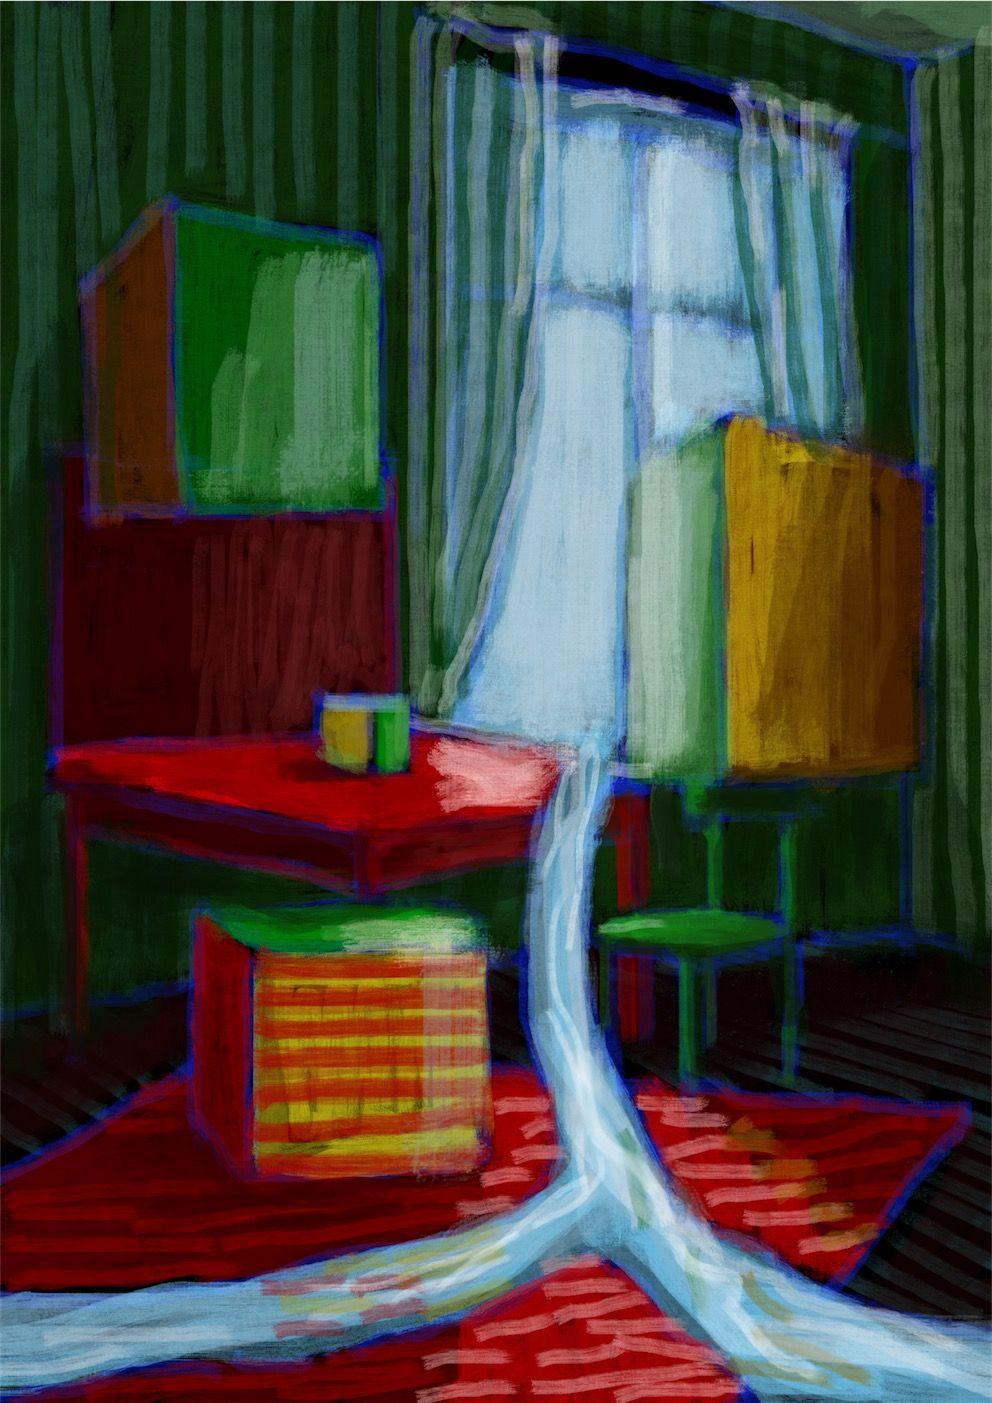 Antoine Vernet, La table de jeu devenu fleuve éperdu, huile sur toile, 1932 - Reconstitution digitale, esquisse, Ésèpe de Zélée, 2016 © Antoine Vernet & Ésèpe de Zélée